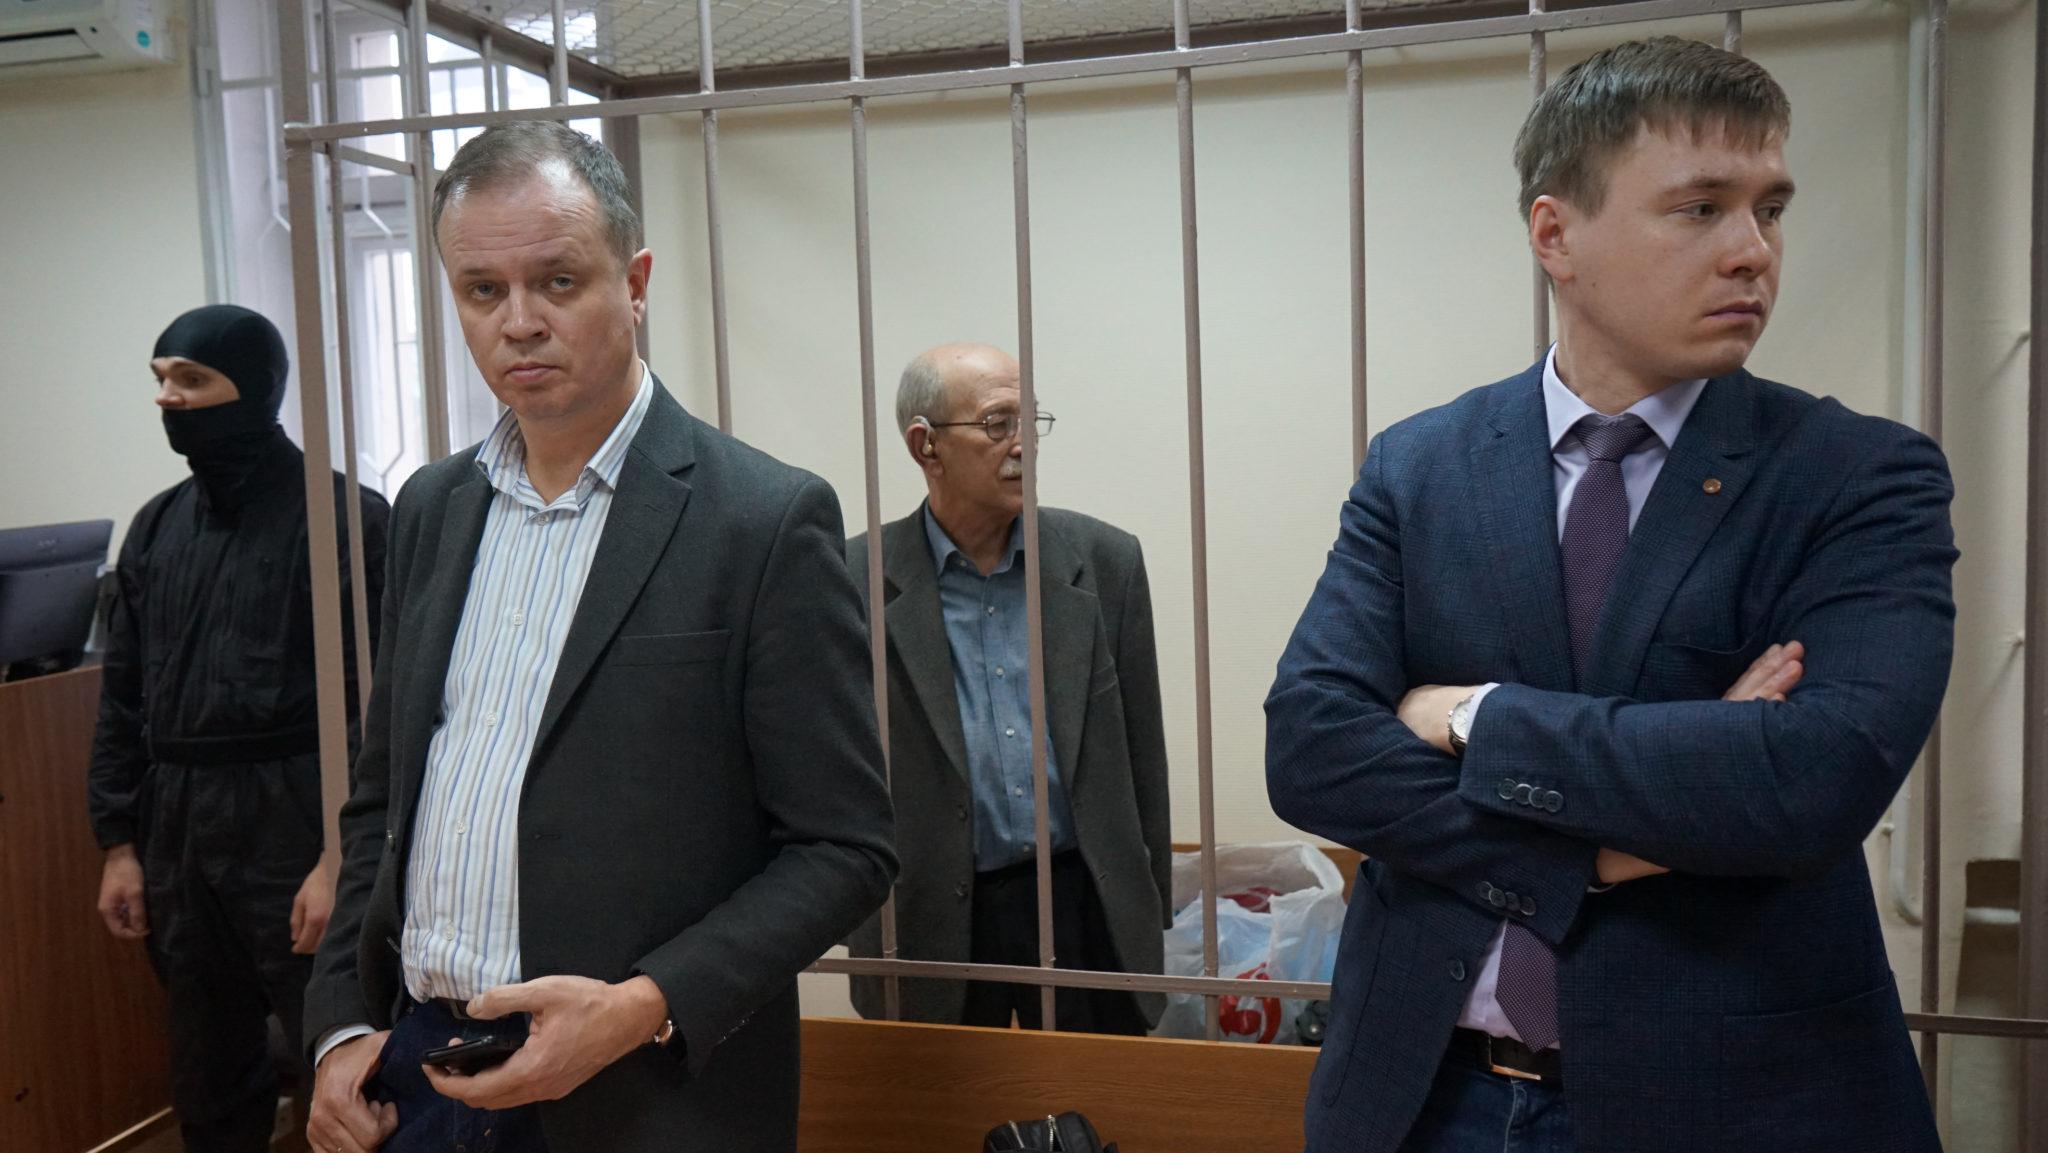 Адвокаты Иван Павлов и Евгений Смирнов и Виктор Кудрявцев в Лефортовском суде